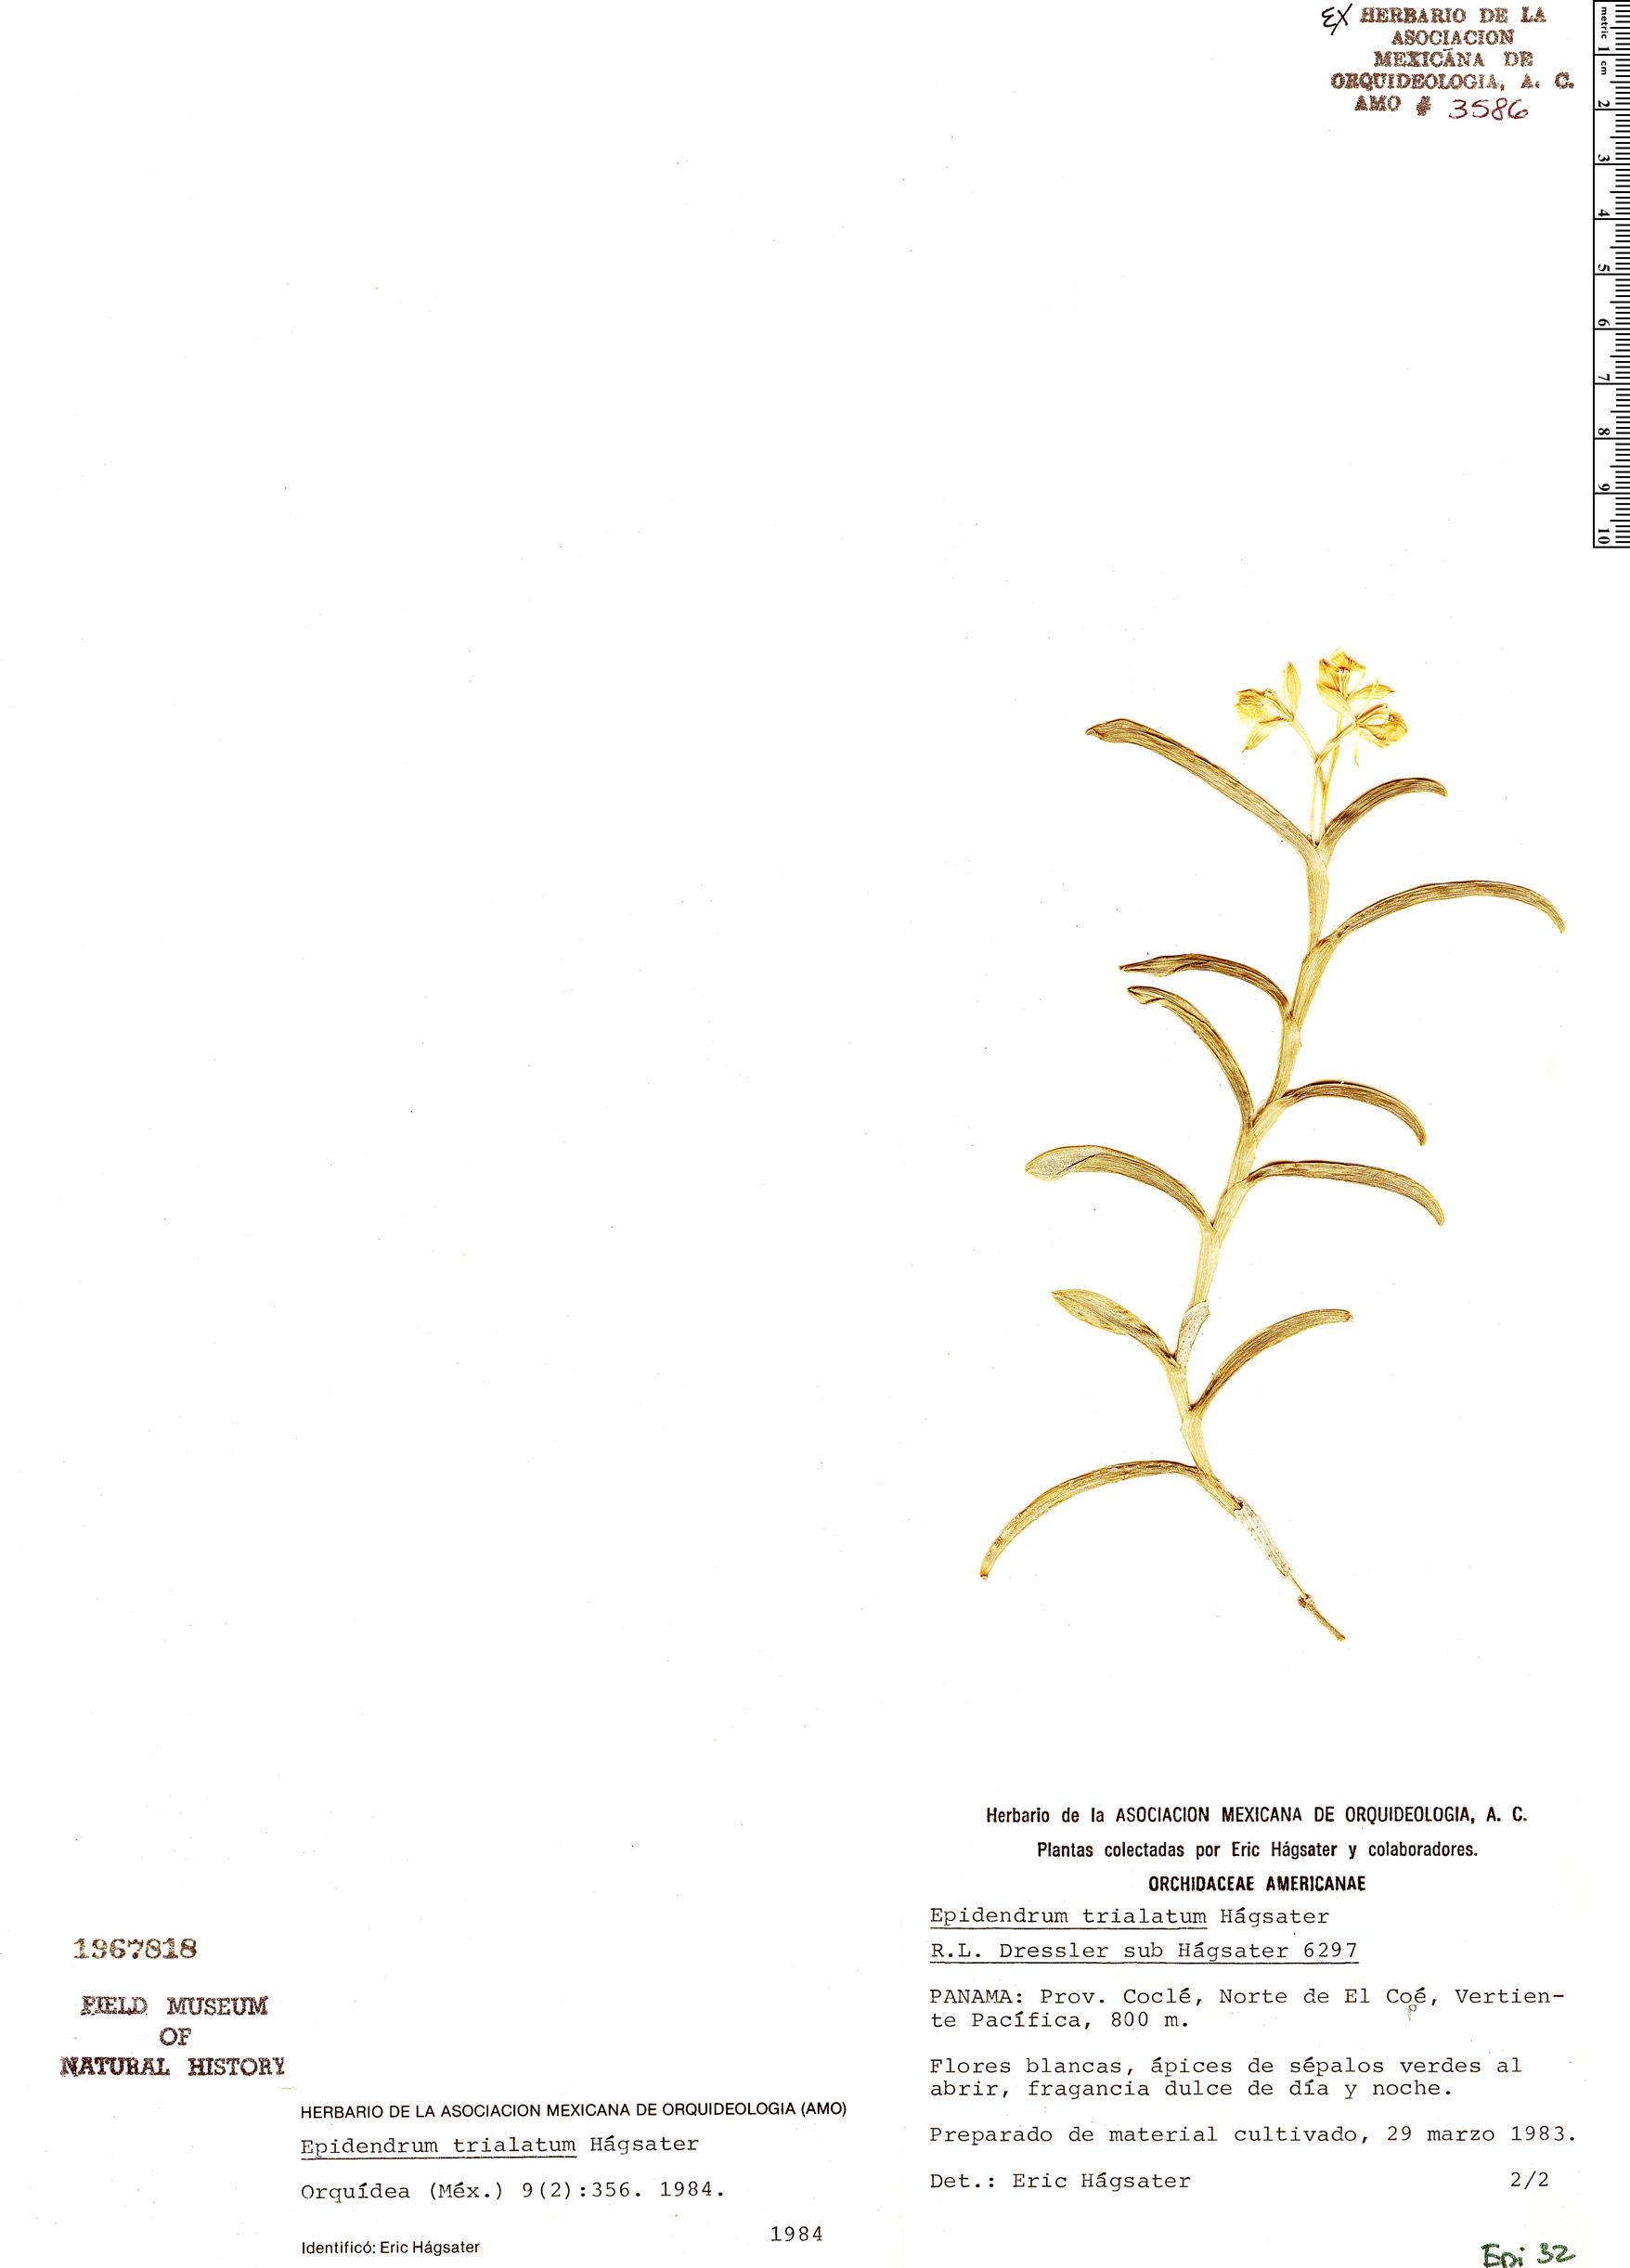 Specimen: Epidendrum trialatum